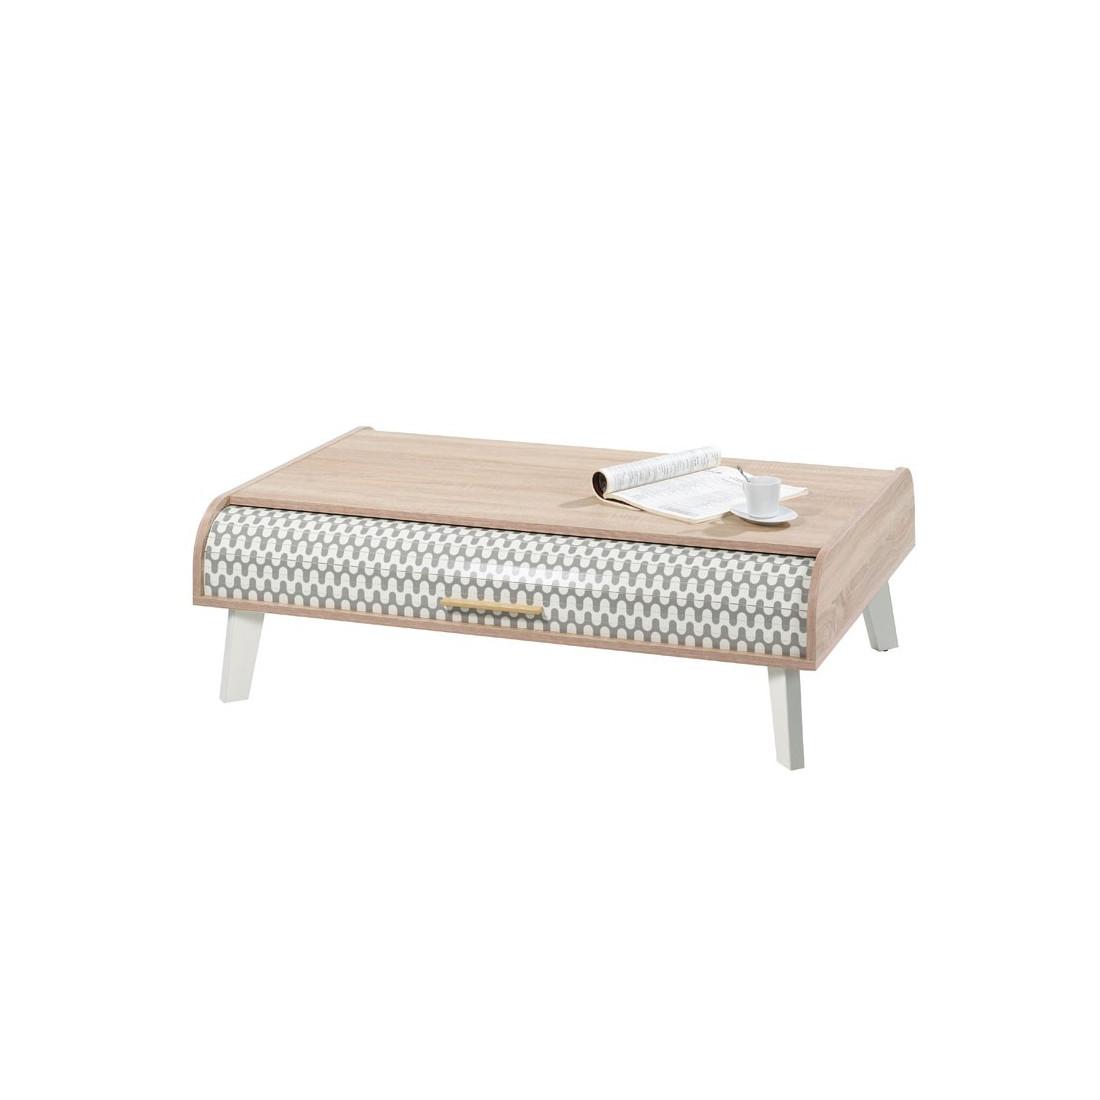 table basse rideau zigzag gris et blanc arkos n 1 univers du salon. Black Bedroom Furniture Sets. Home Design Ideas